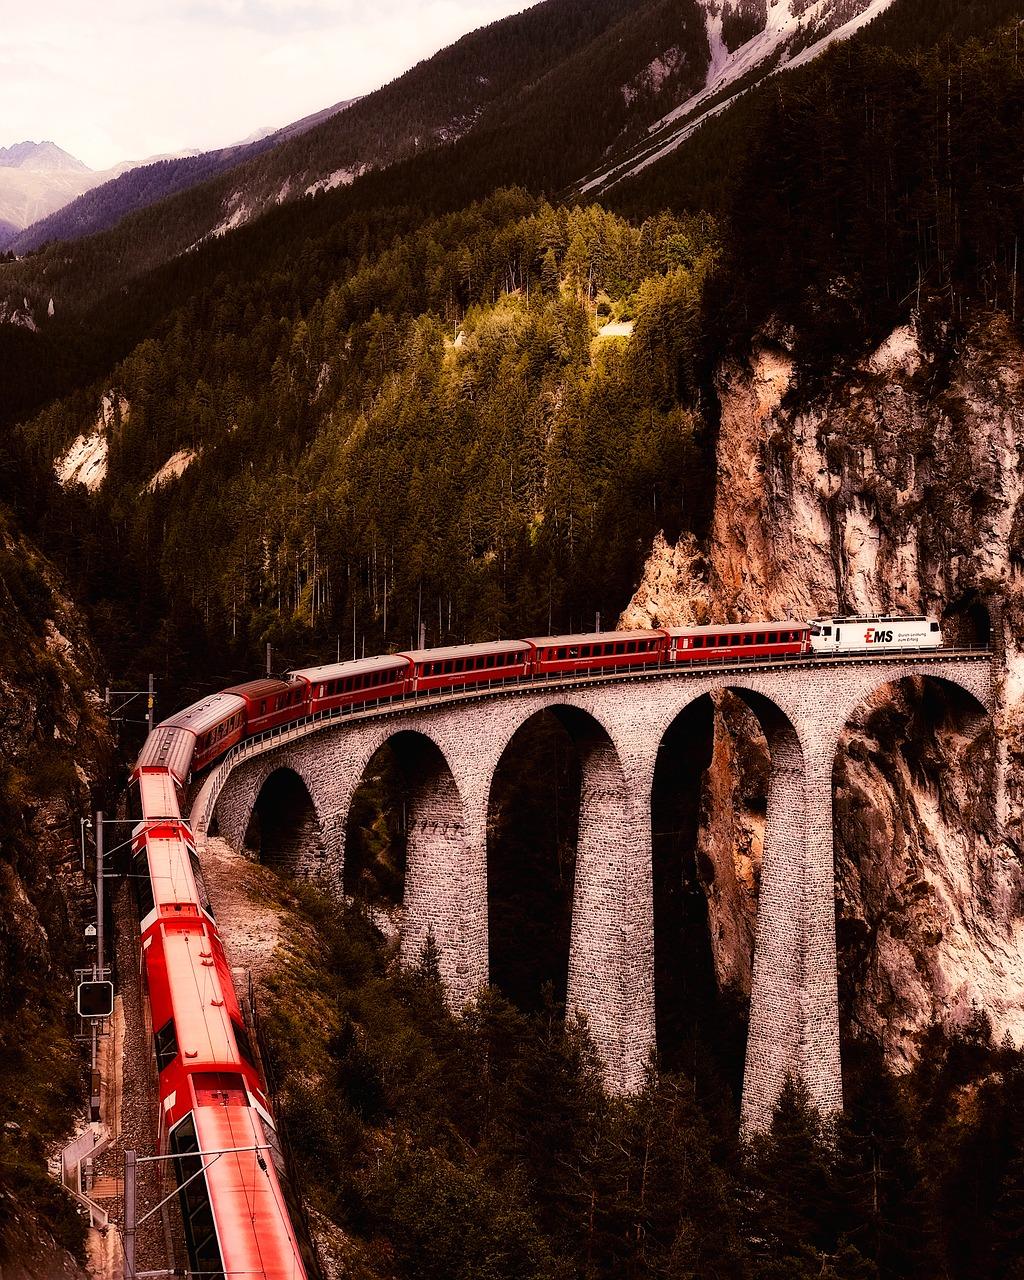 Švýcarsko nabízí hustou síť železnic a kvalitní vlaky.